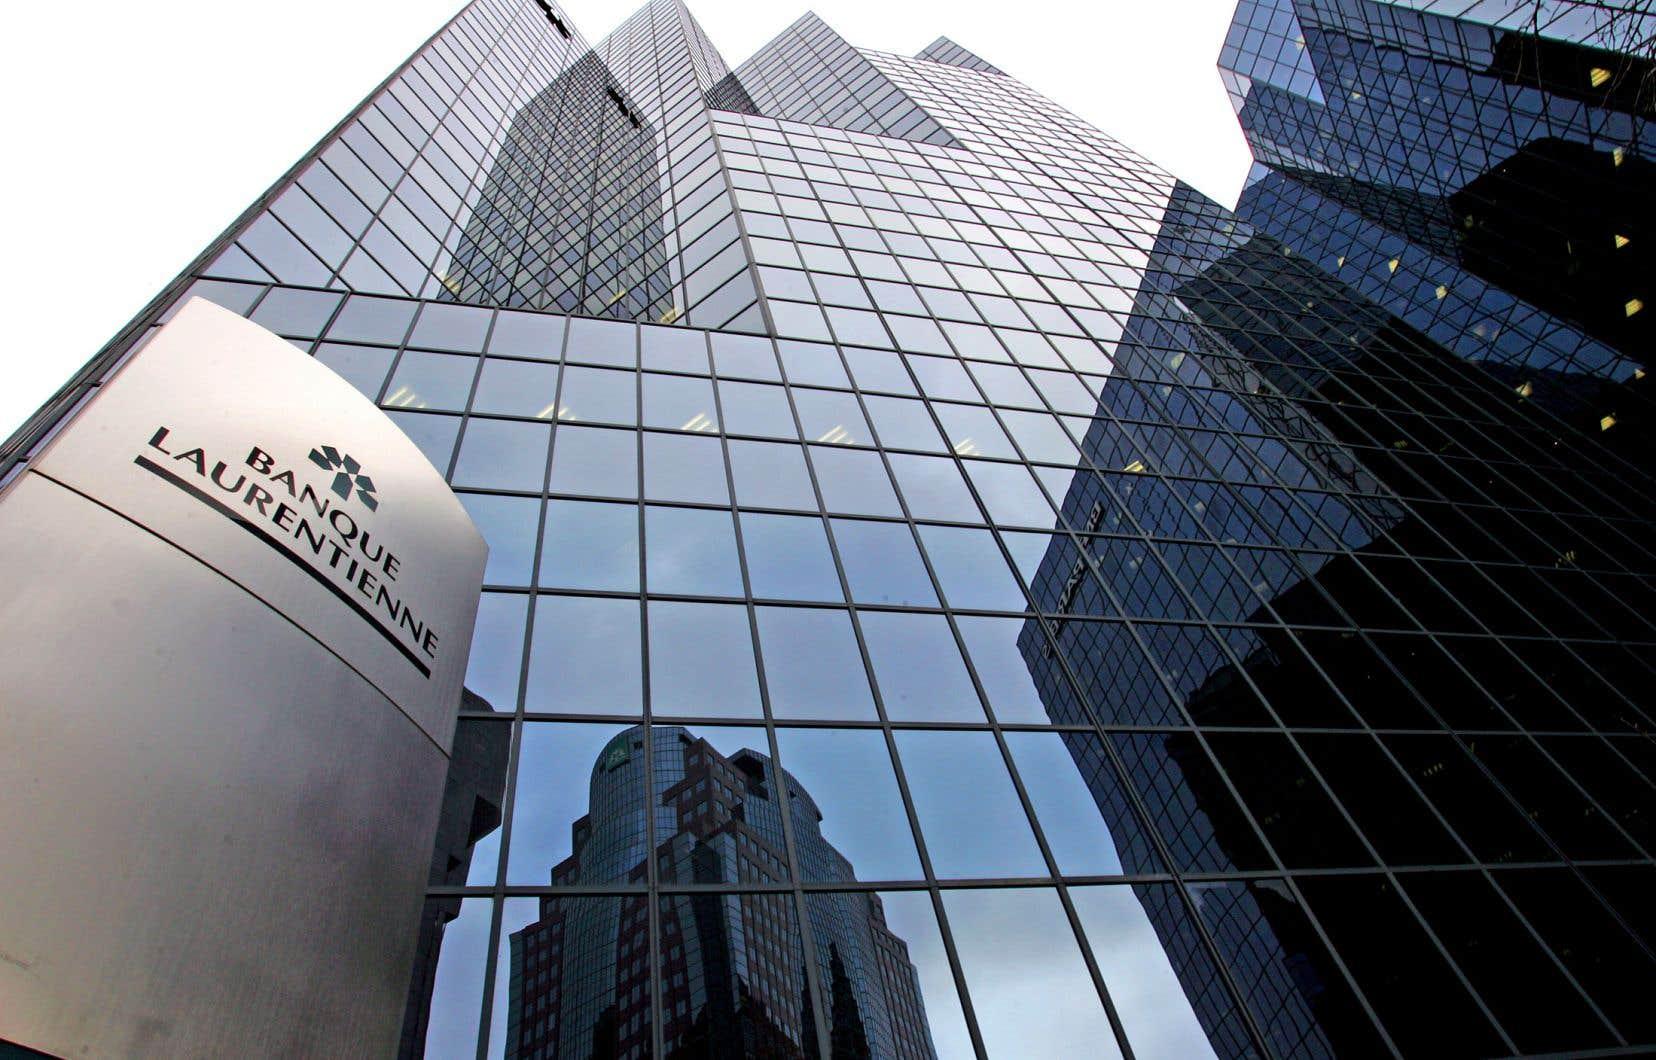 La Banque venait d'annoncer une chute de son bénéfice au deuxième trimestre, plombé par un bond des provisions pour pertes sur prêts, forçant une réduction de 40% du dividende trimestriel.